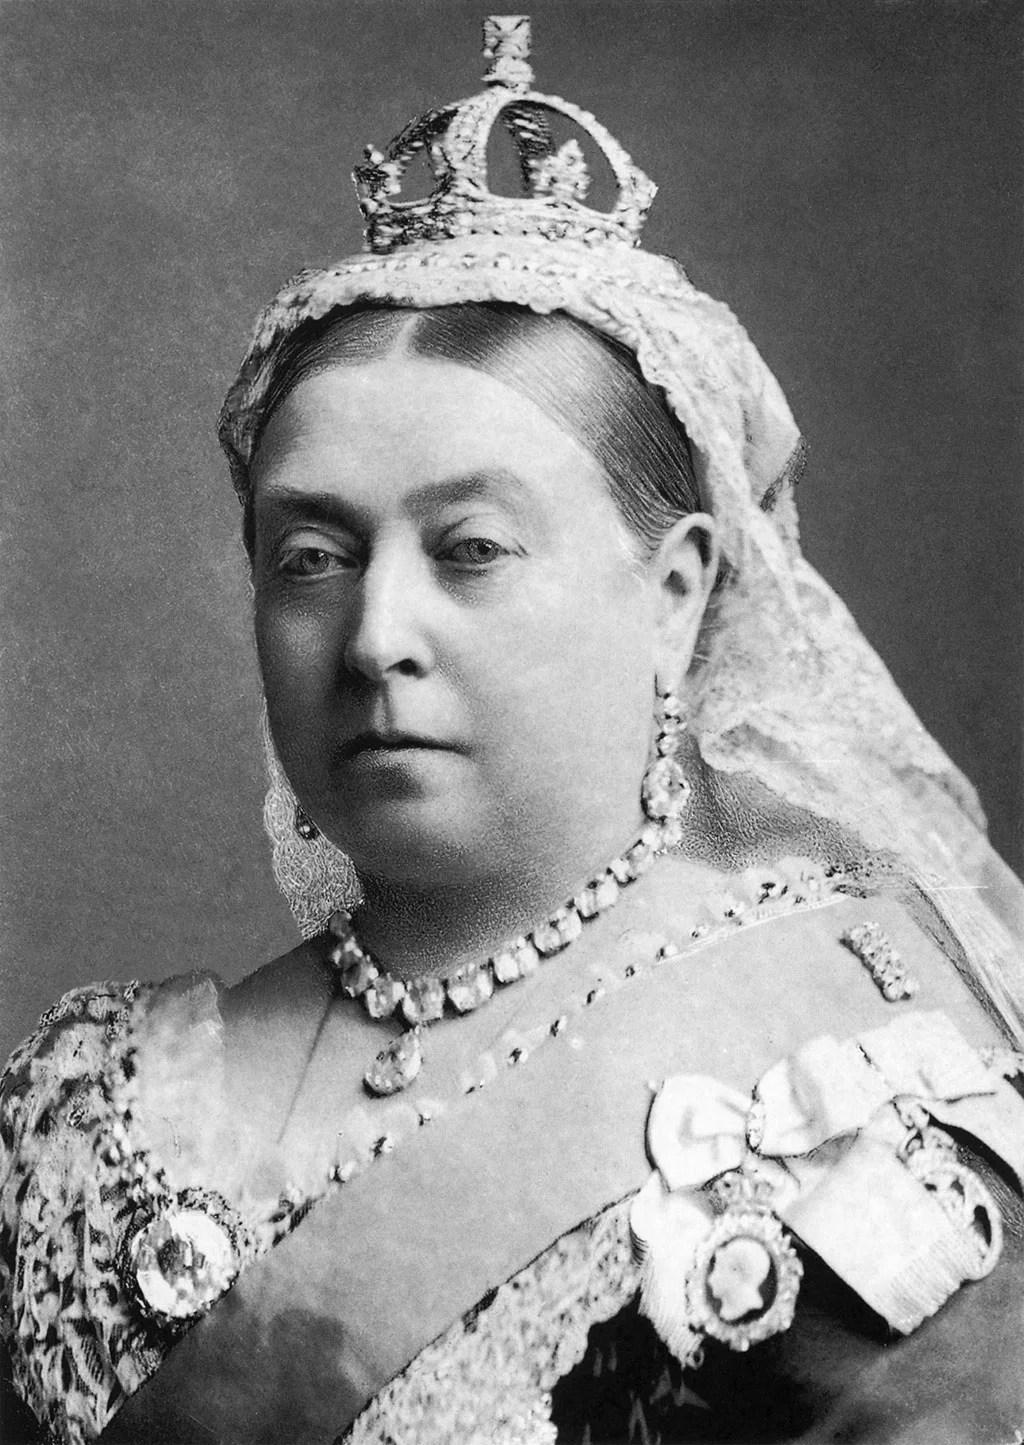 espido-freire-reina-victoriaI